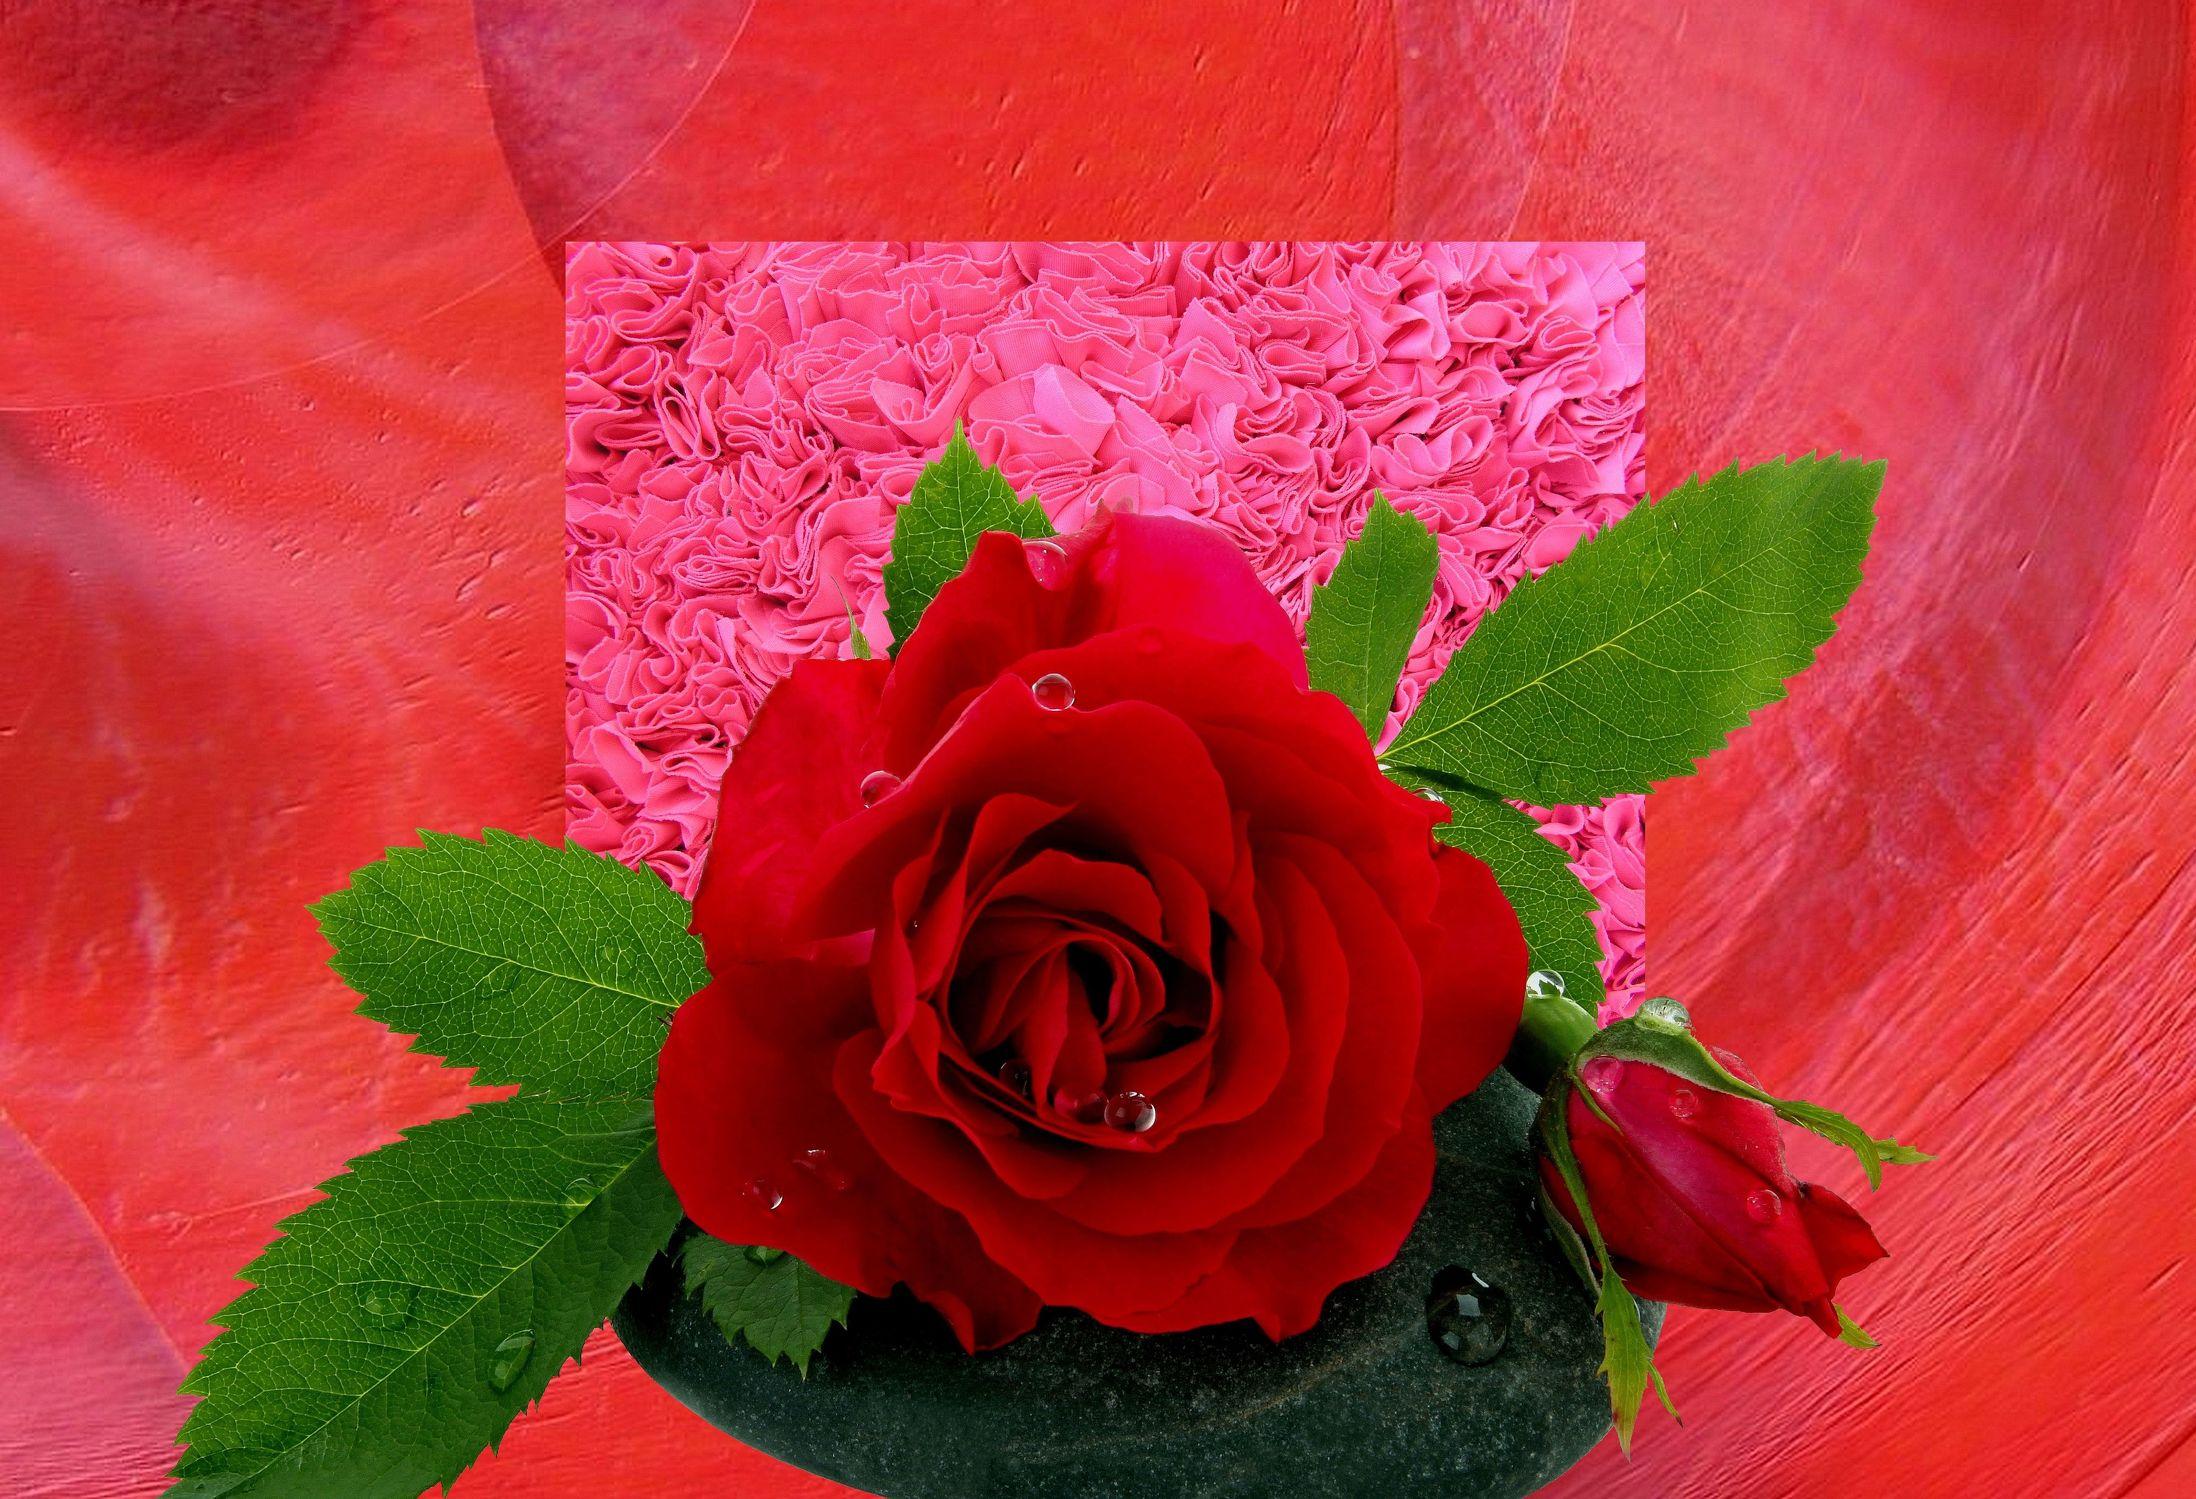 Bild mit Wasser, Pflanzen, Rosen, Blätter, Pflanze, Rose, Blatt, Wassertropfen, Floral, Stilleben, Blüten, Florales, Wellness, blüte, Dekoration